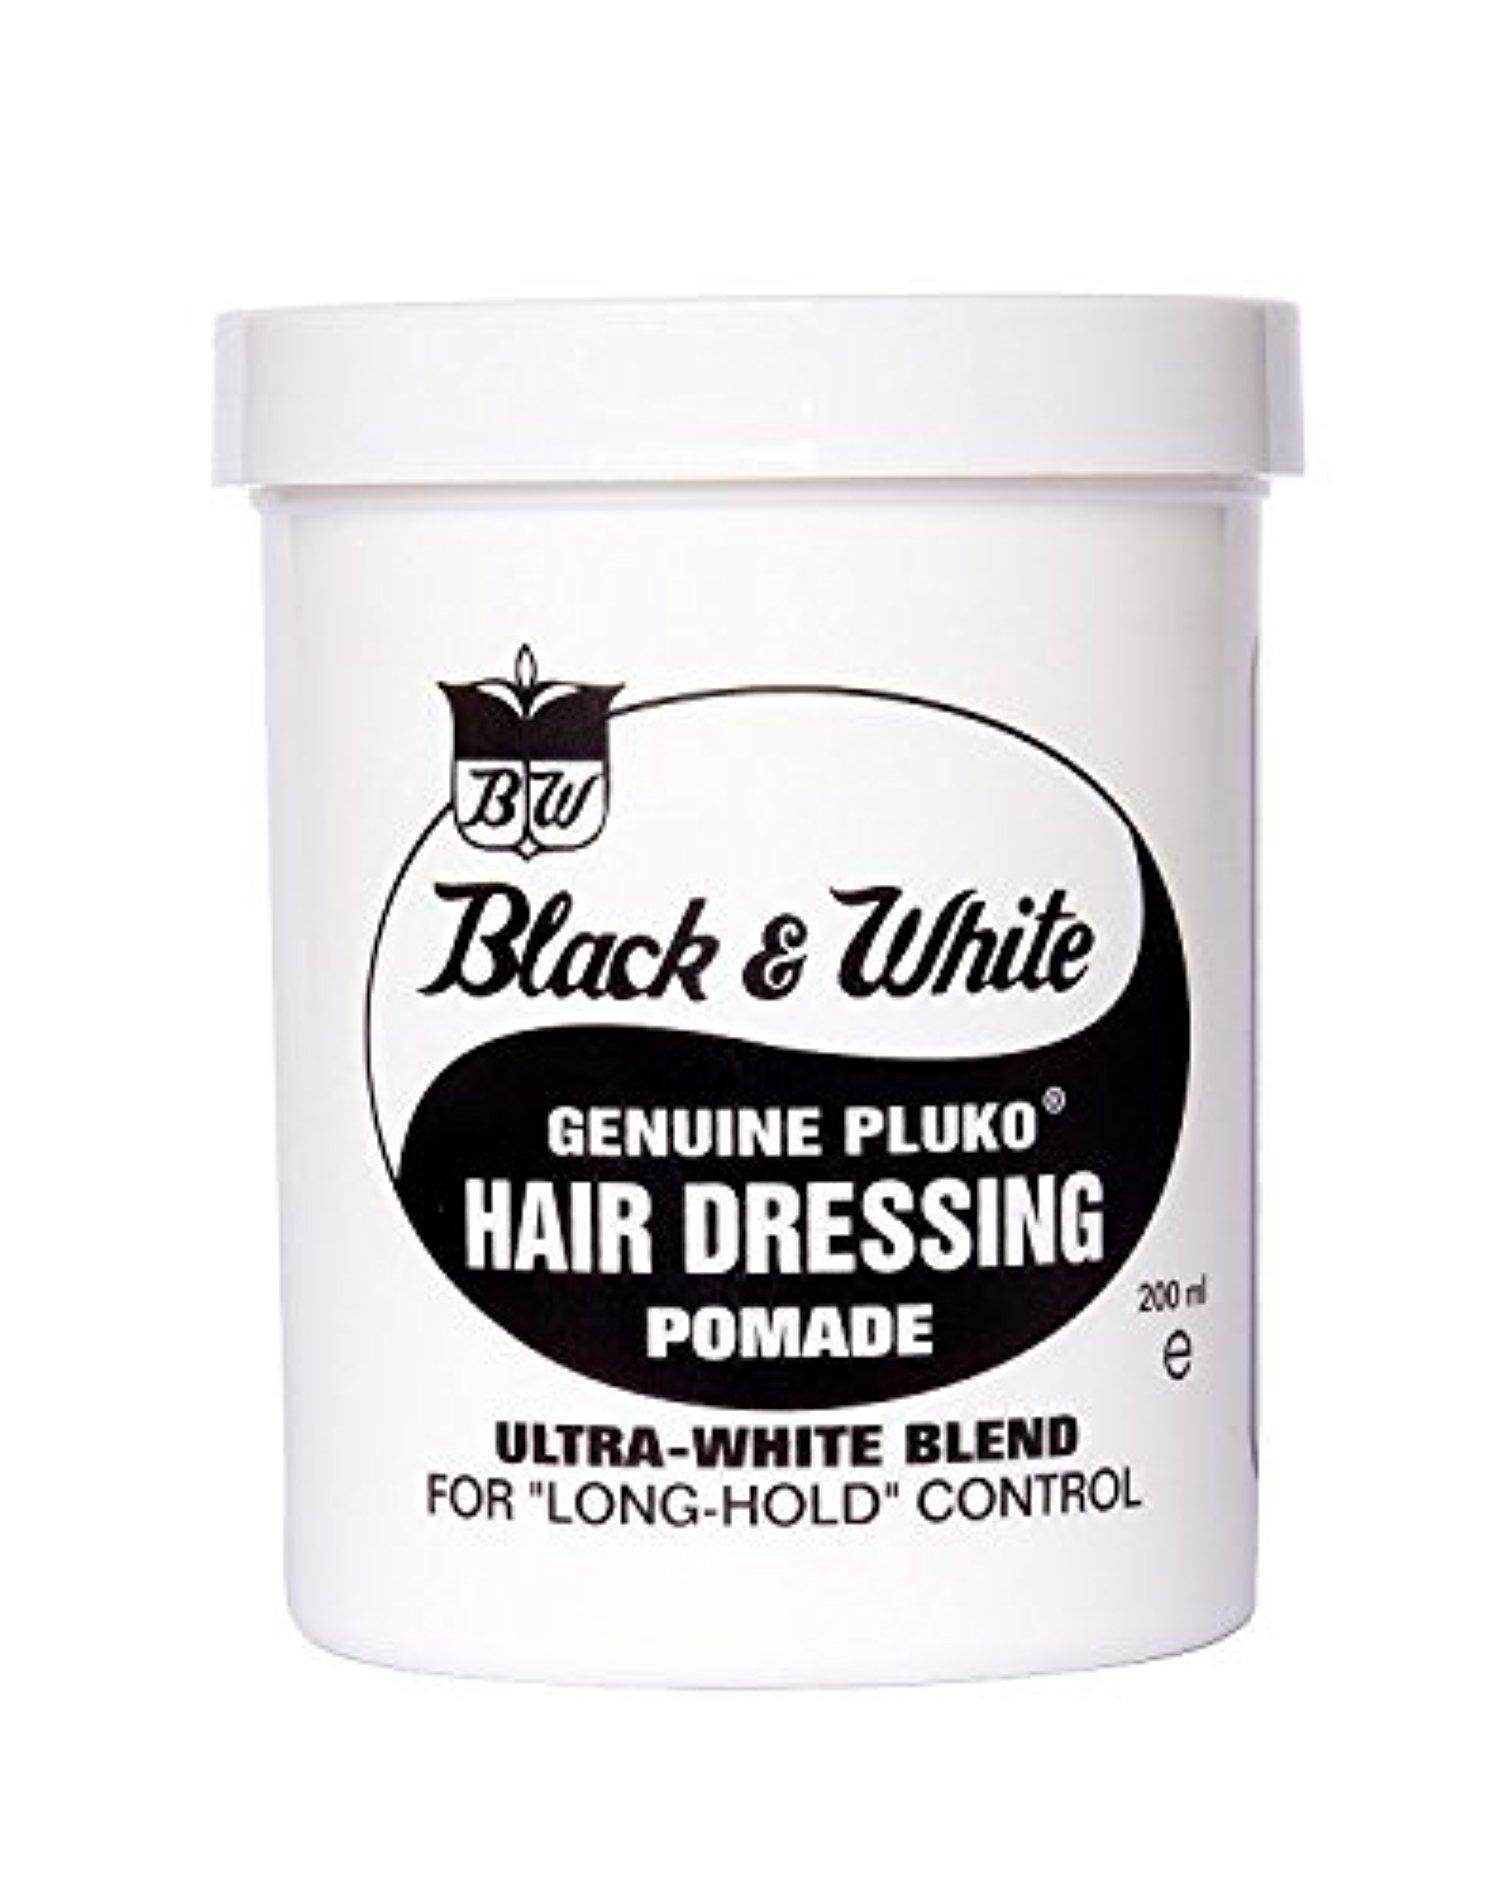 Black & White Genuine Pluko Hair Dressing Pomade Ultra White Blend 200Ml by Black & Sassy